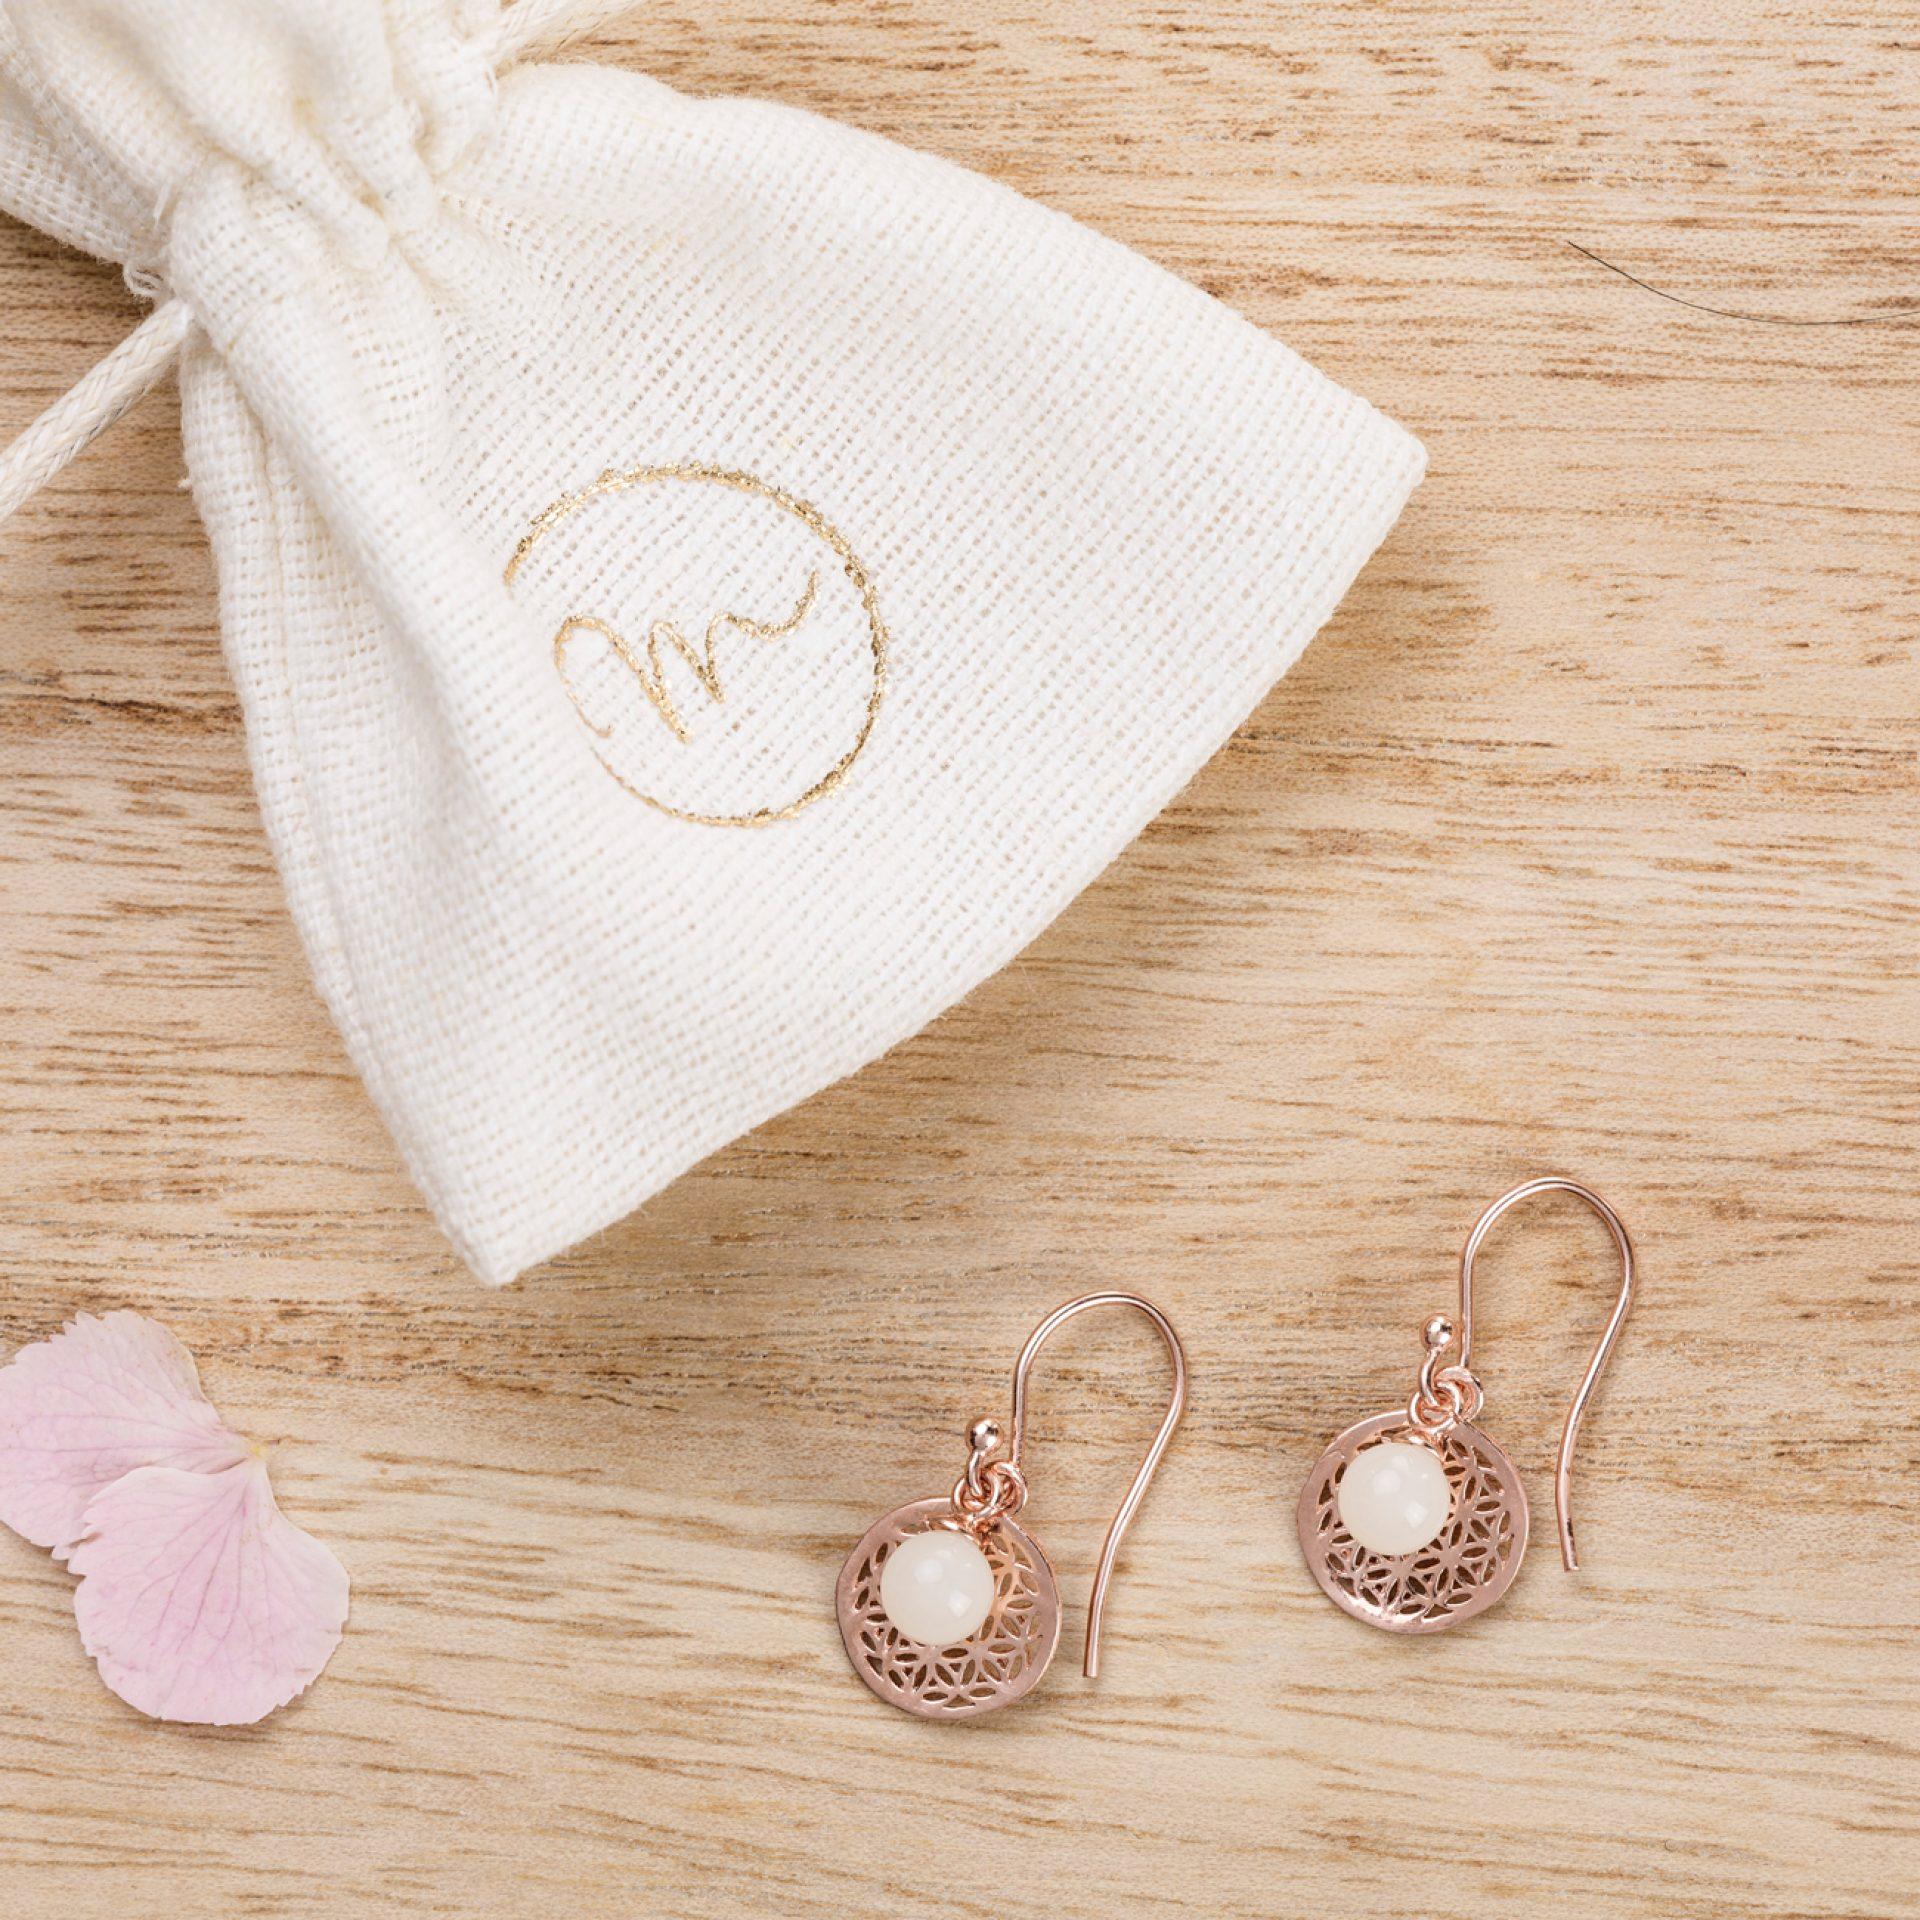 Ohrringe Lebensblume Muttermilchschmuck